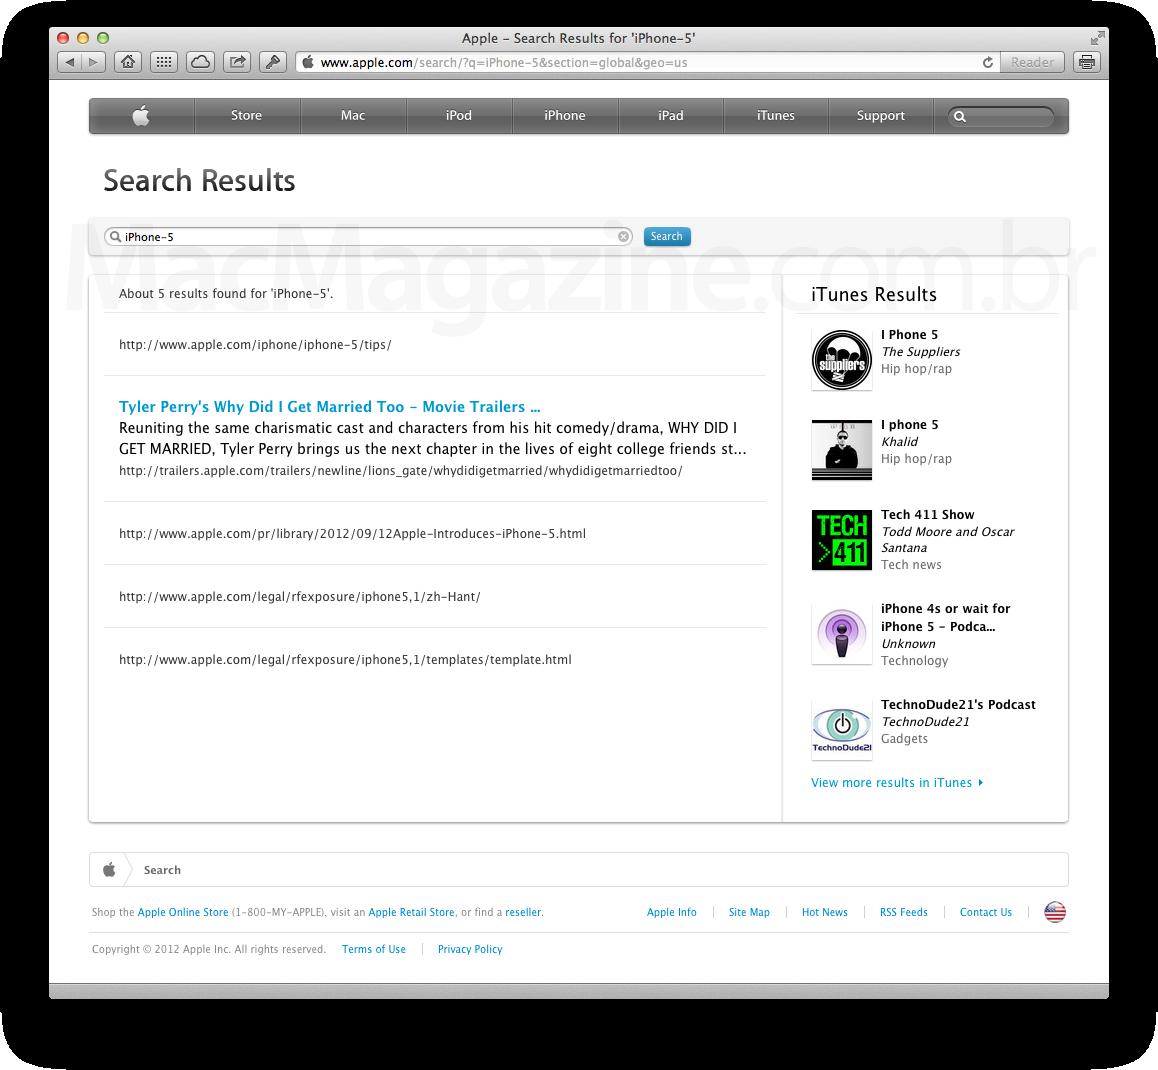 Busca por iPhone 5 no Apple.com